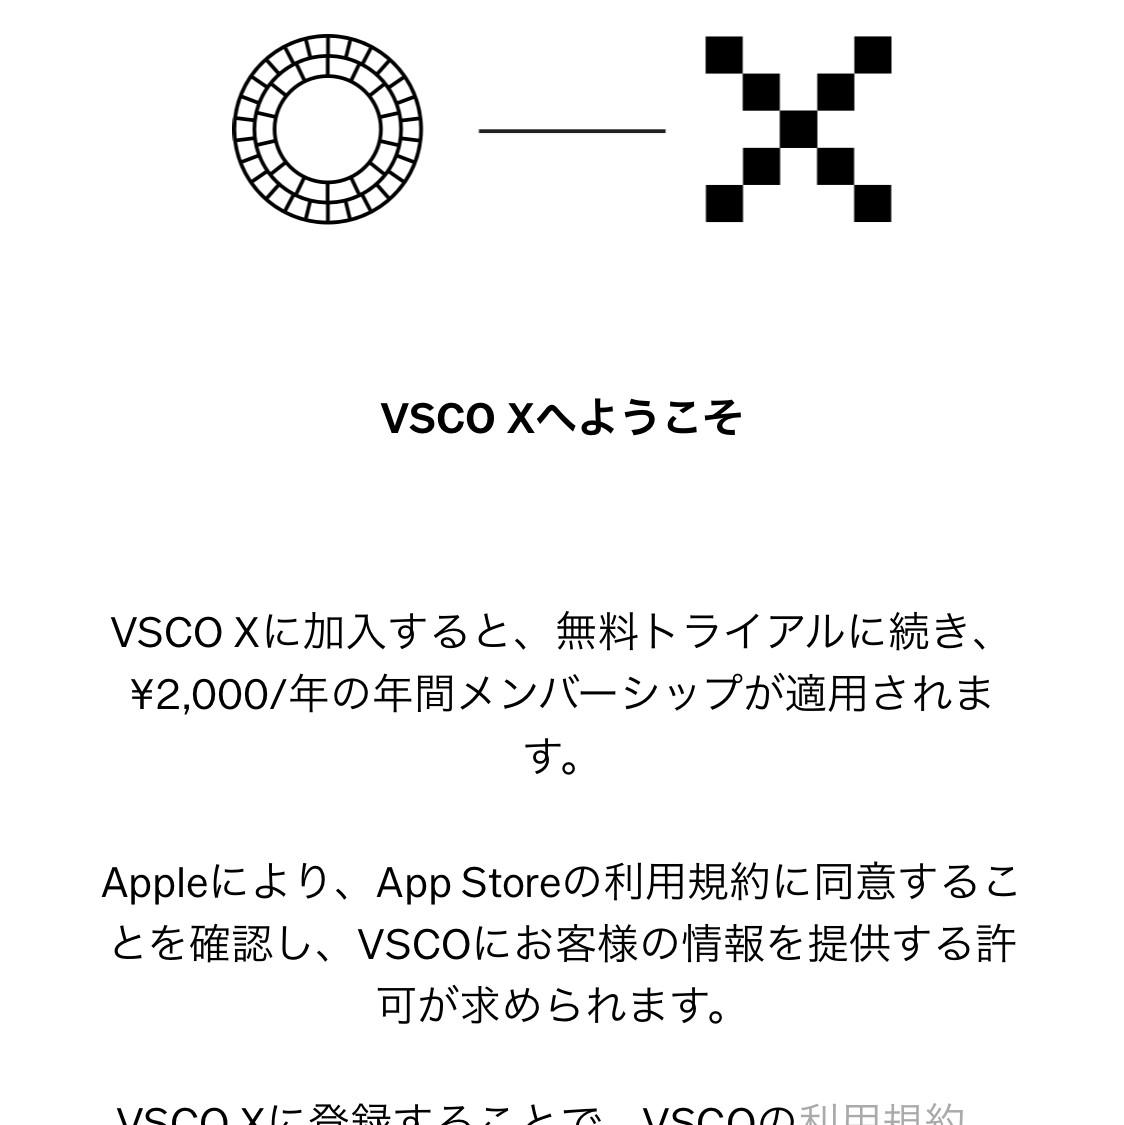 vscox